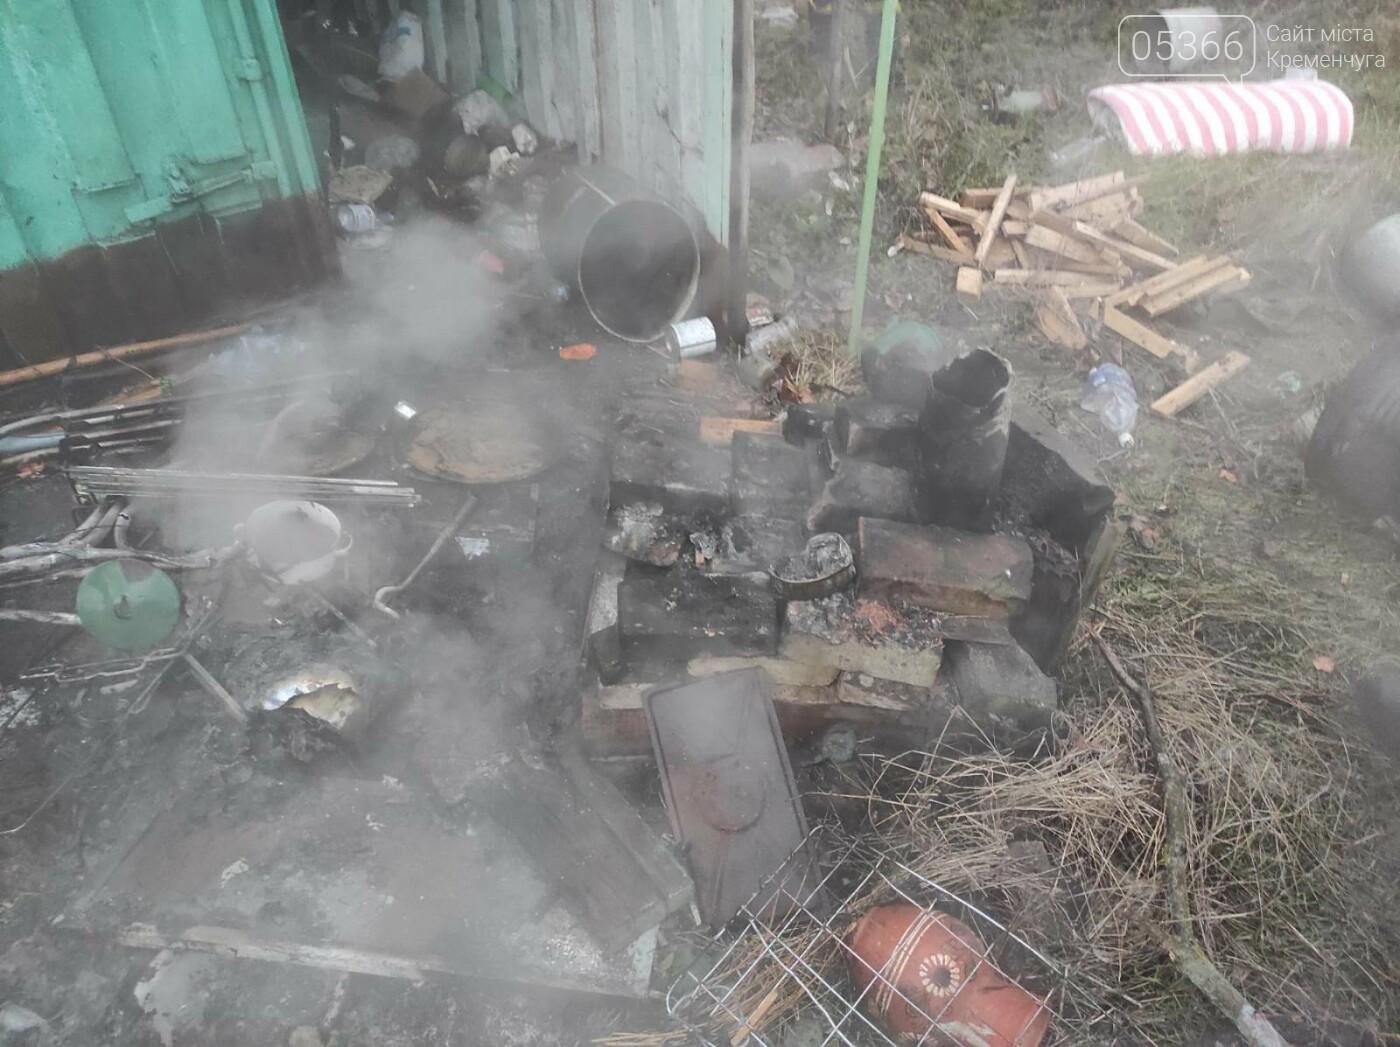 Біля Кременчука горів вагончик на дачі. Фото, фото-2